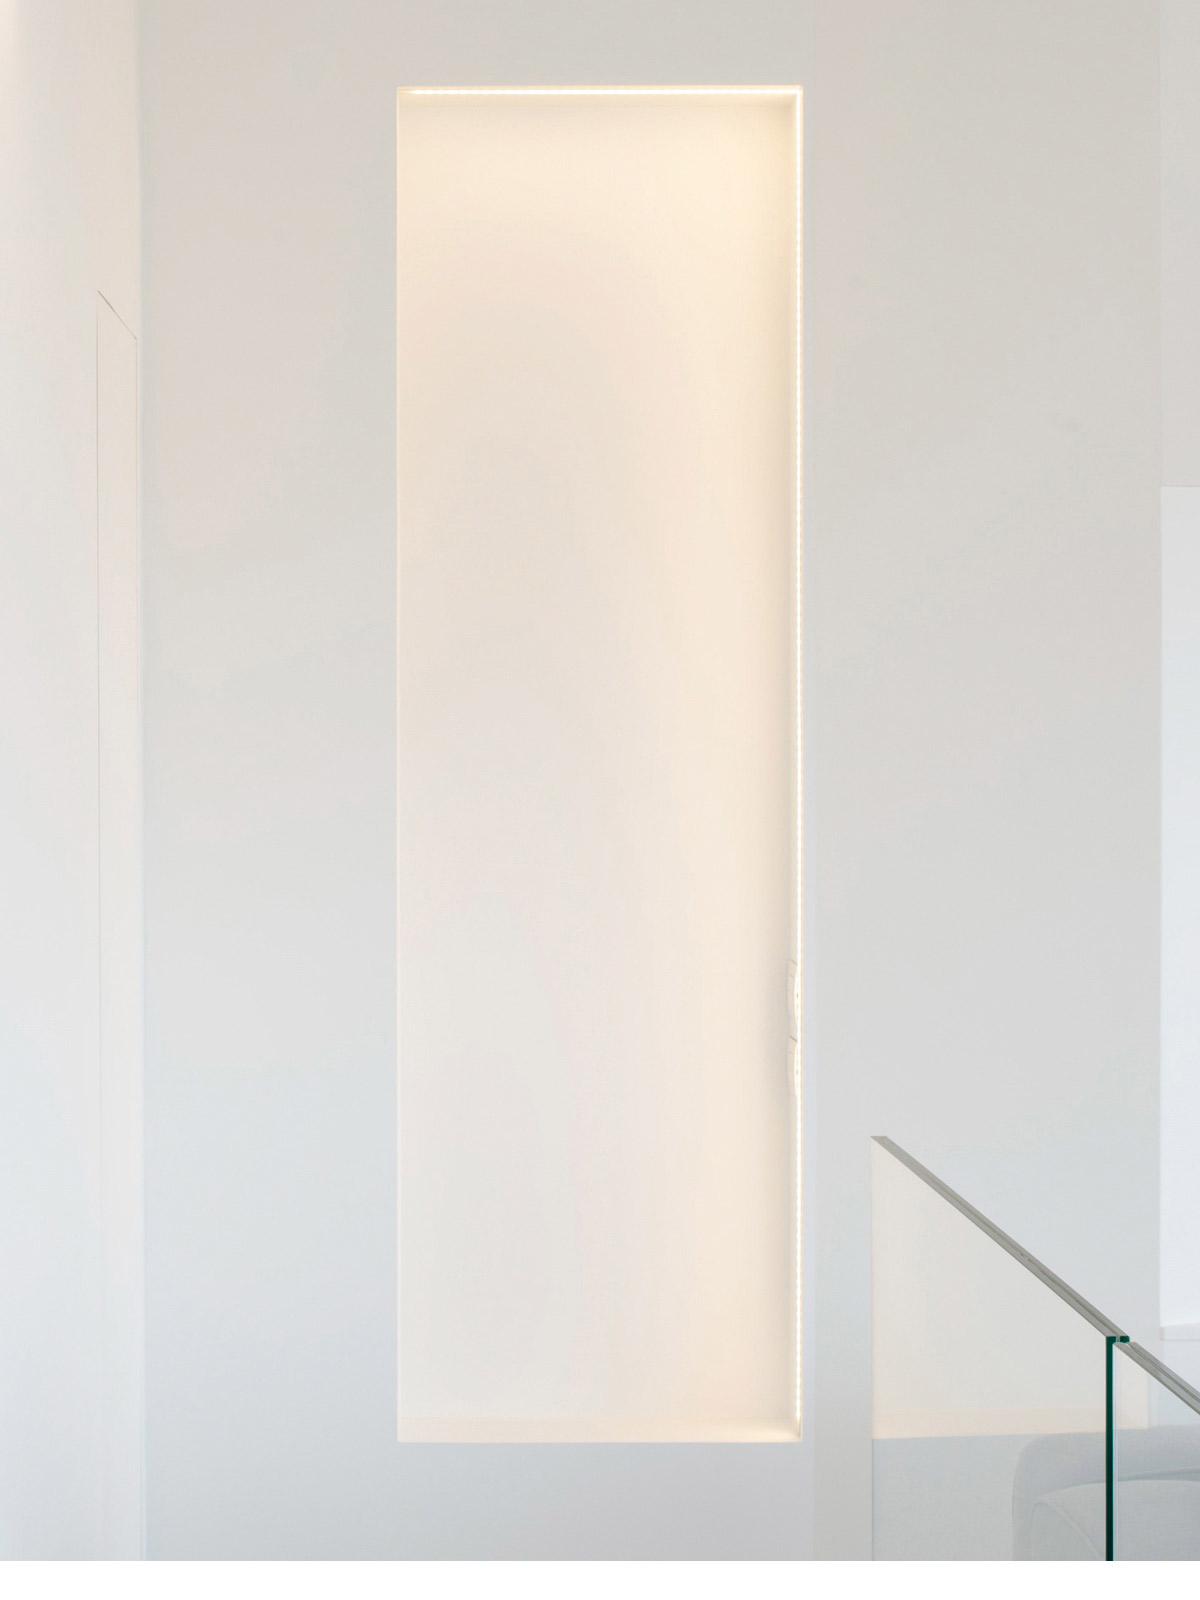 puntozero-architetti_casa-cam-moodboard-7lr